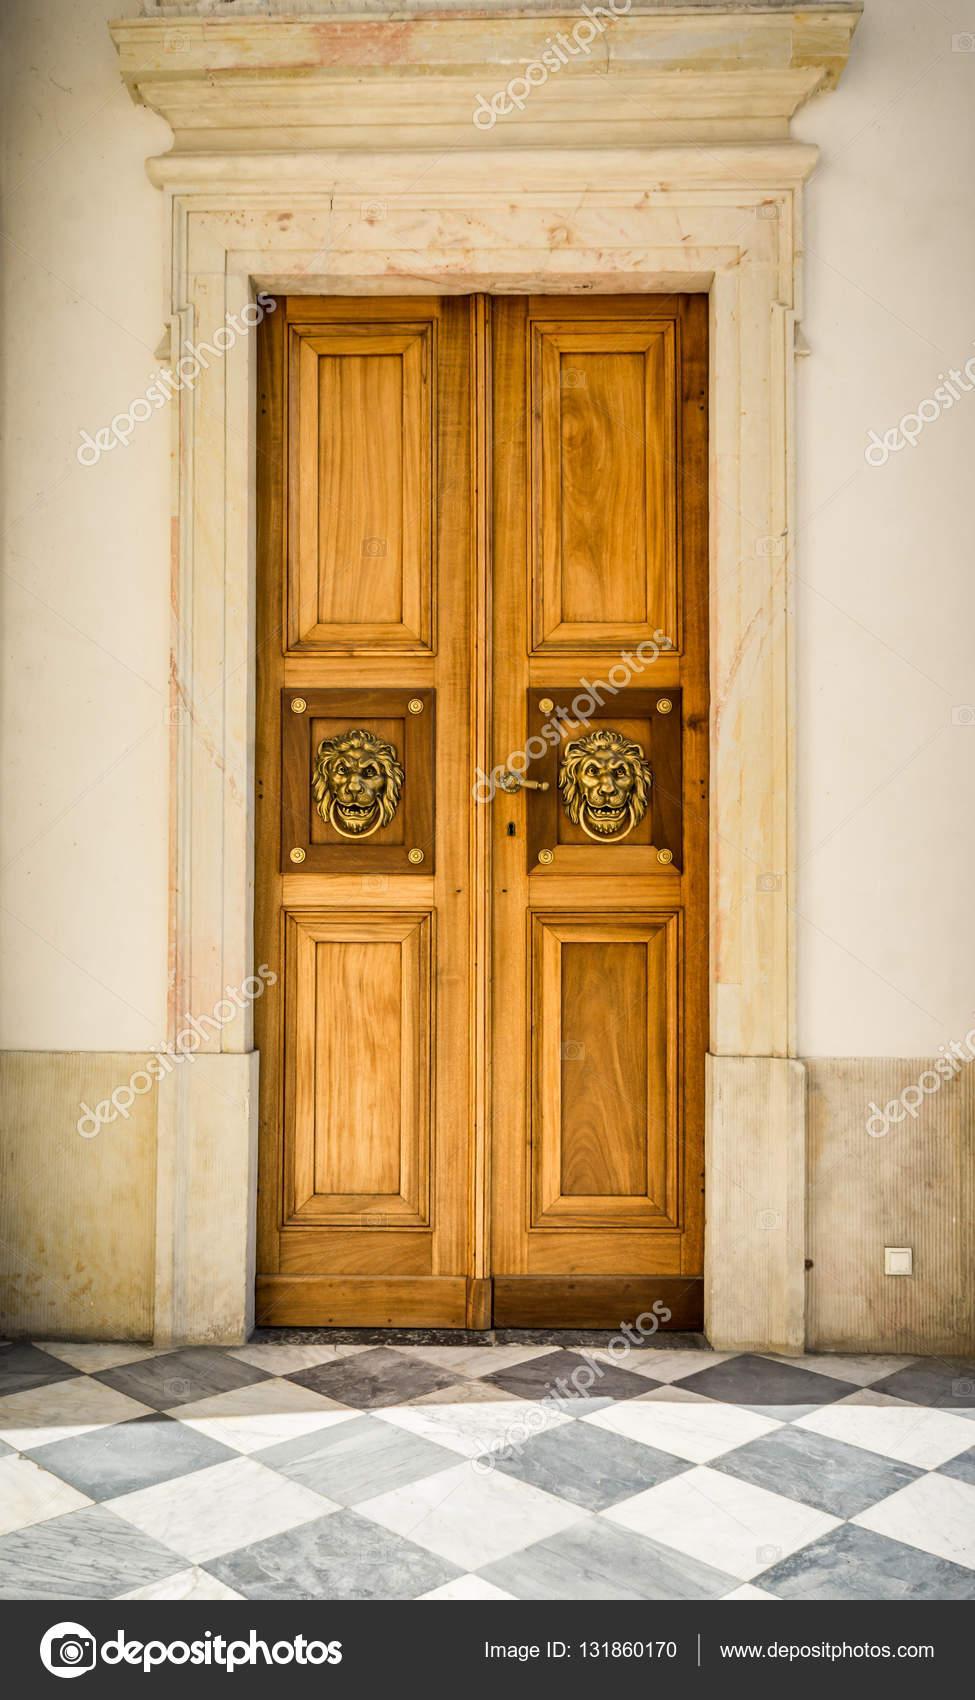 Puerta doble de madera vintage foto de stock alefbet 131860170 Puerta doble madera